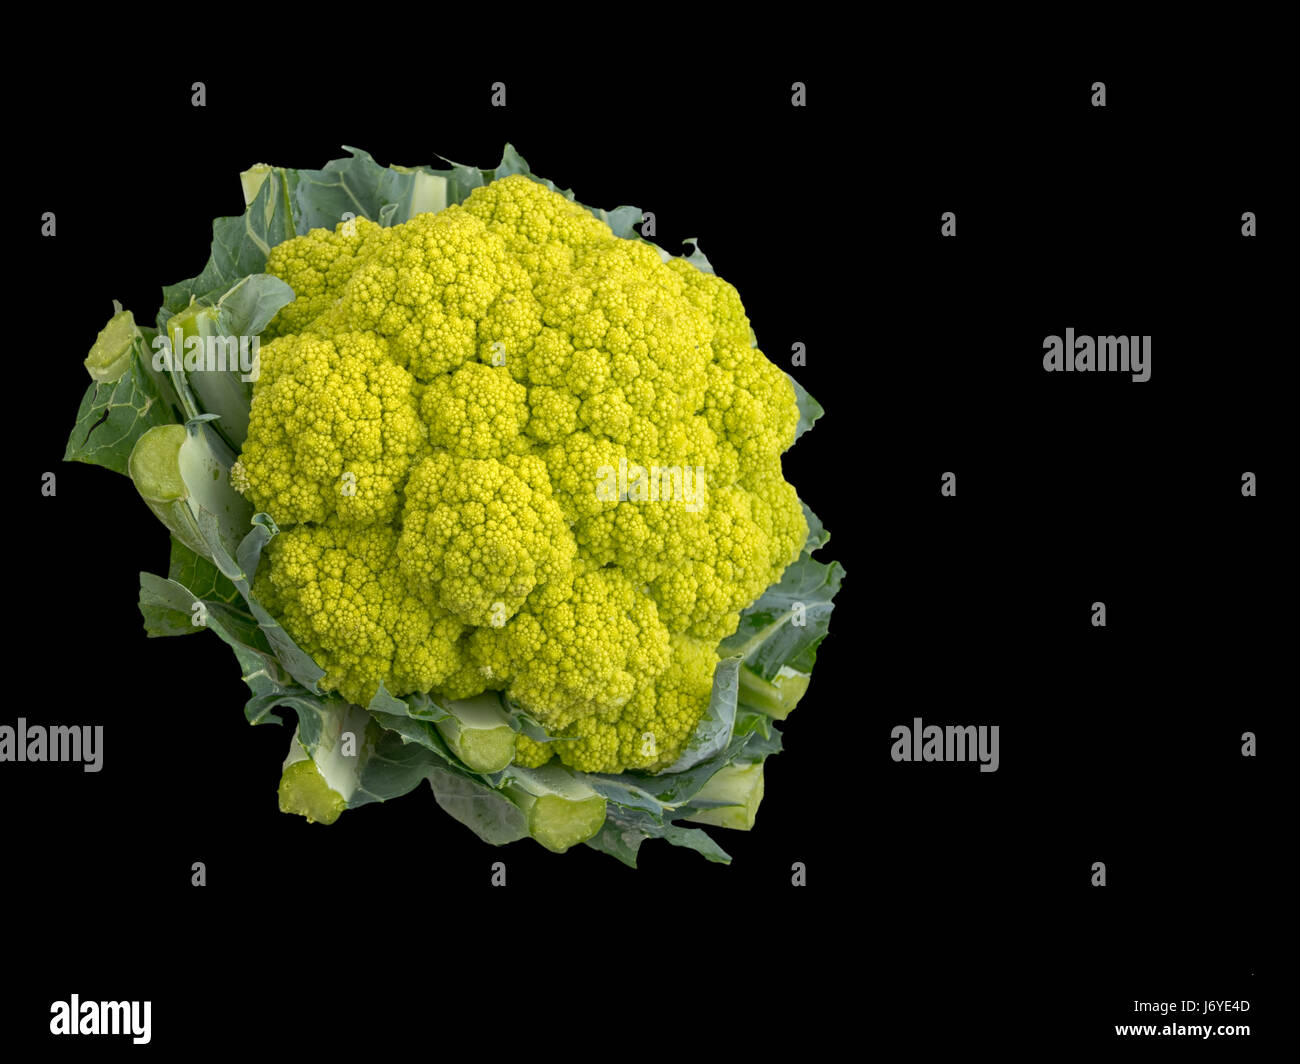 Grüner Blumenkohl. Gesundes Gemüse reich an Vitaminen, Mineralien und Mikronährstoffen. Stockbild